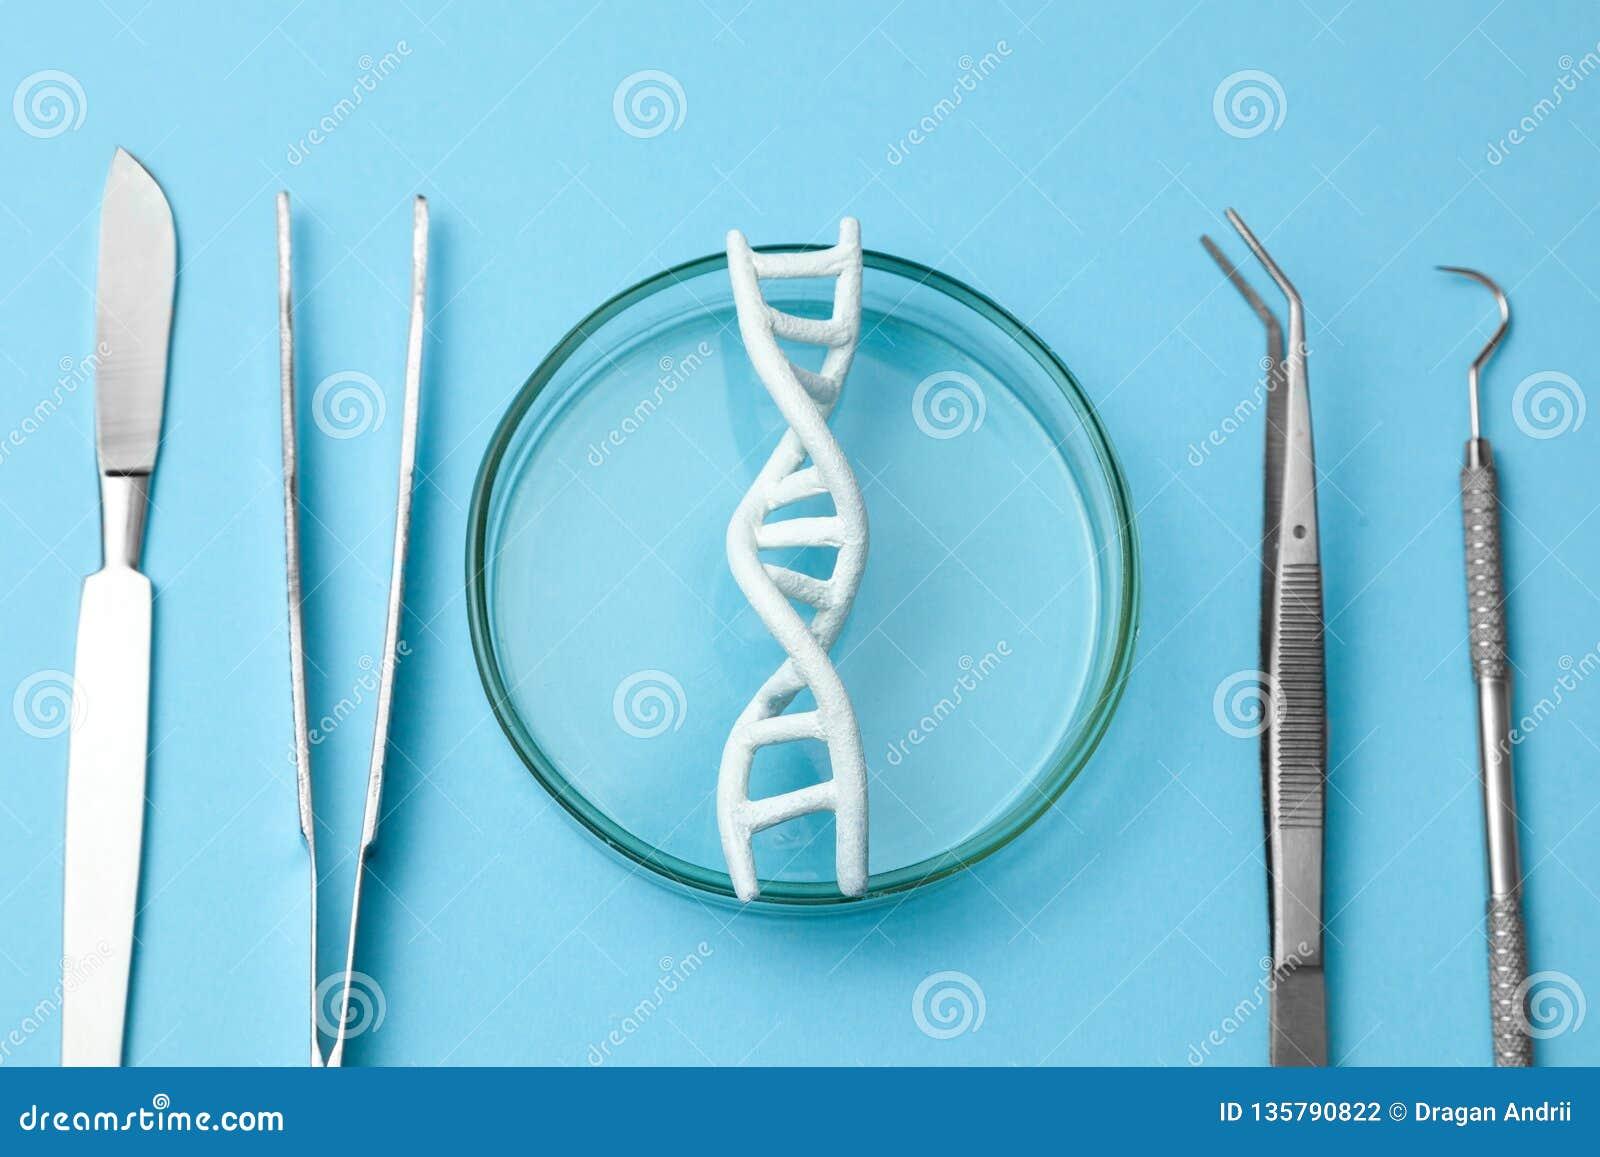 脱氧核糖核酸螺旋研究 基因实验的概念在人的生物代码脱氧核糖核酸的 医疗仪器解剖刀和镊子